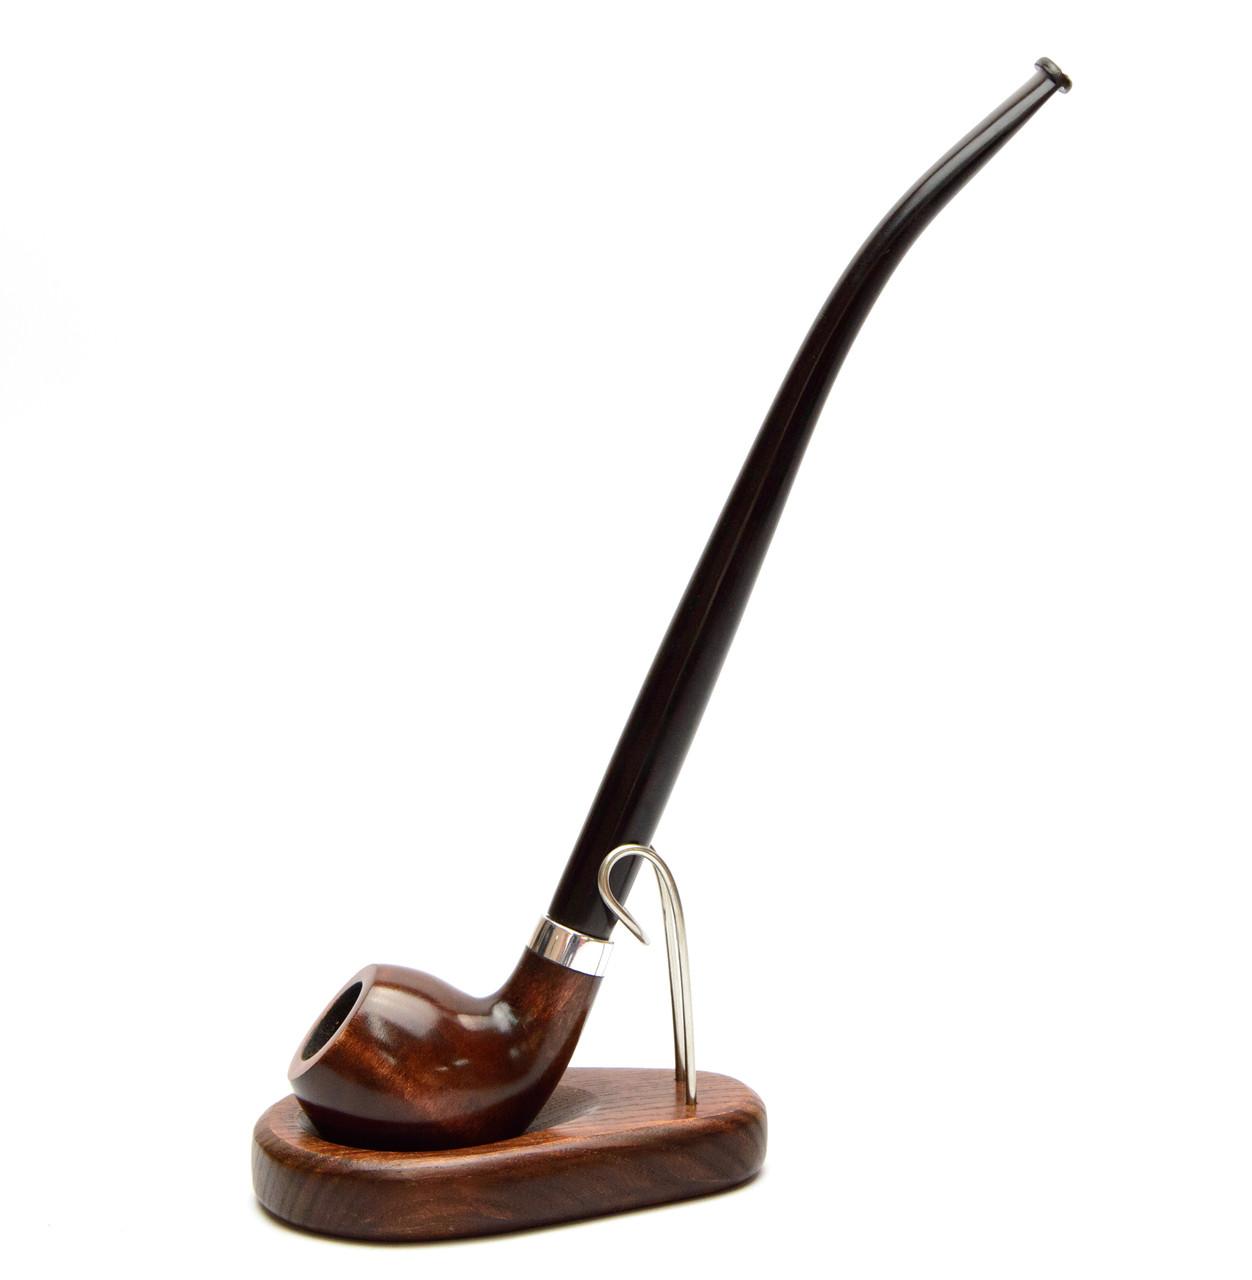 Подарочный набор курительная трубка с длинным мундштуком KAF219 Churchwarden и подставка